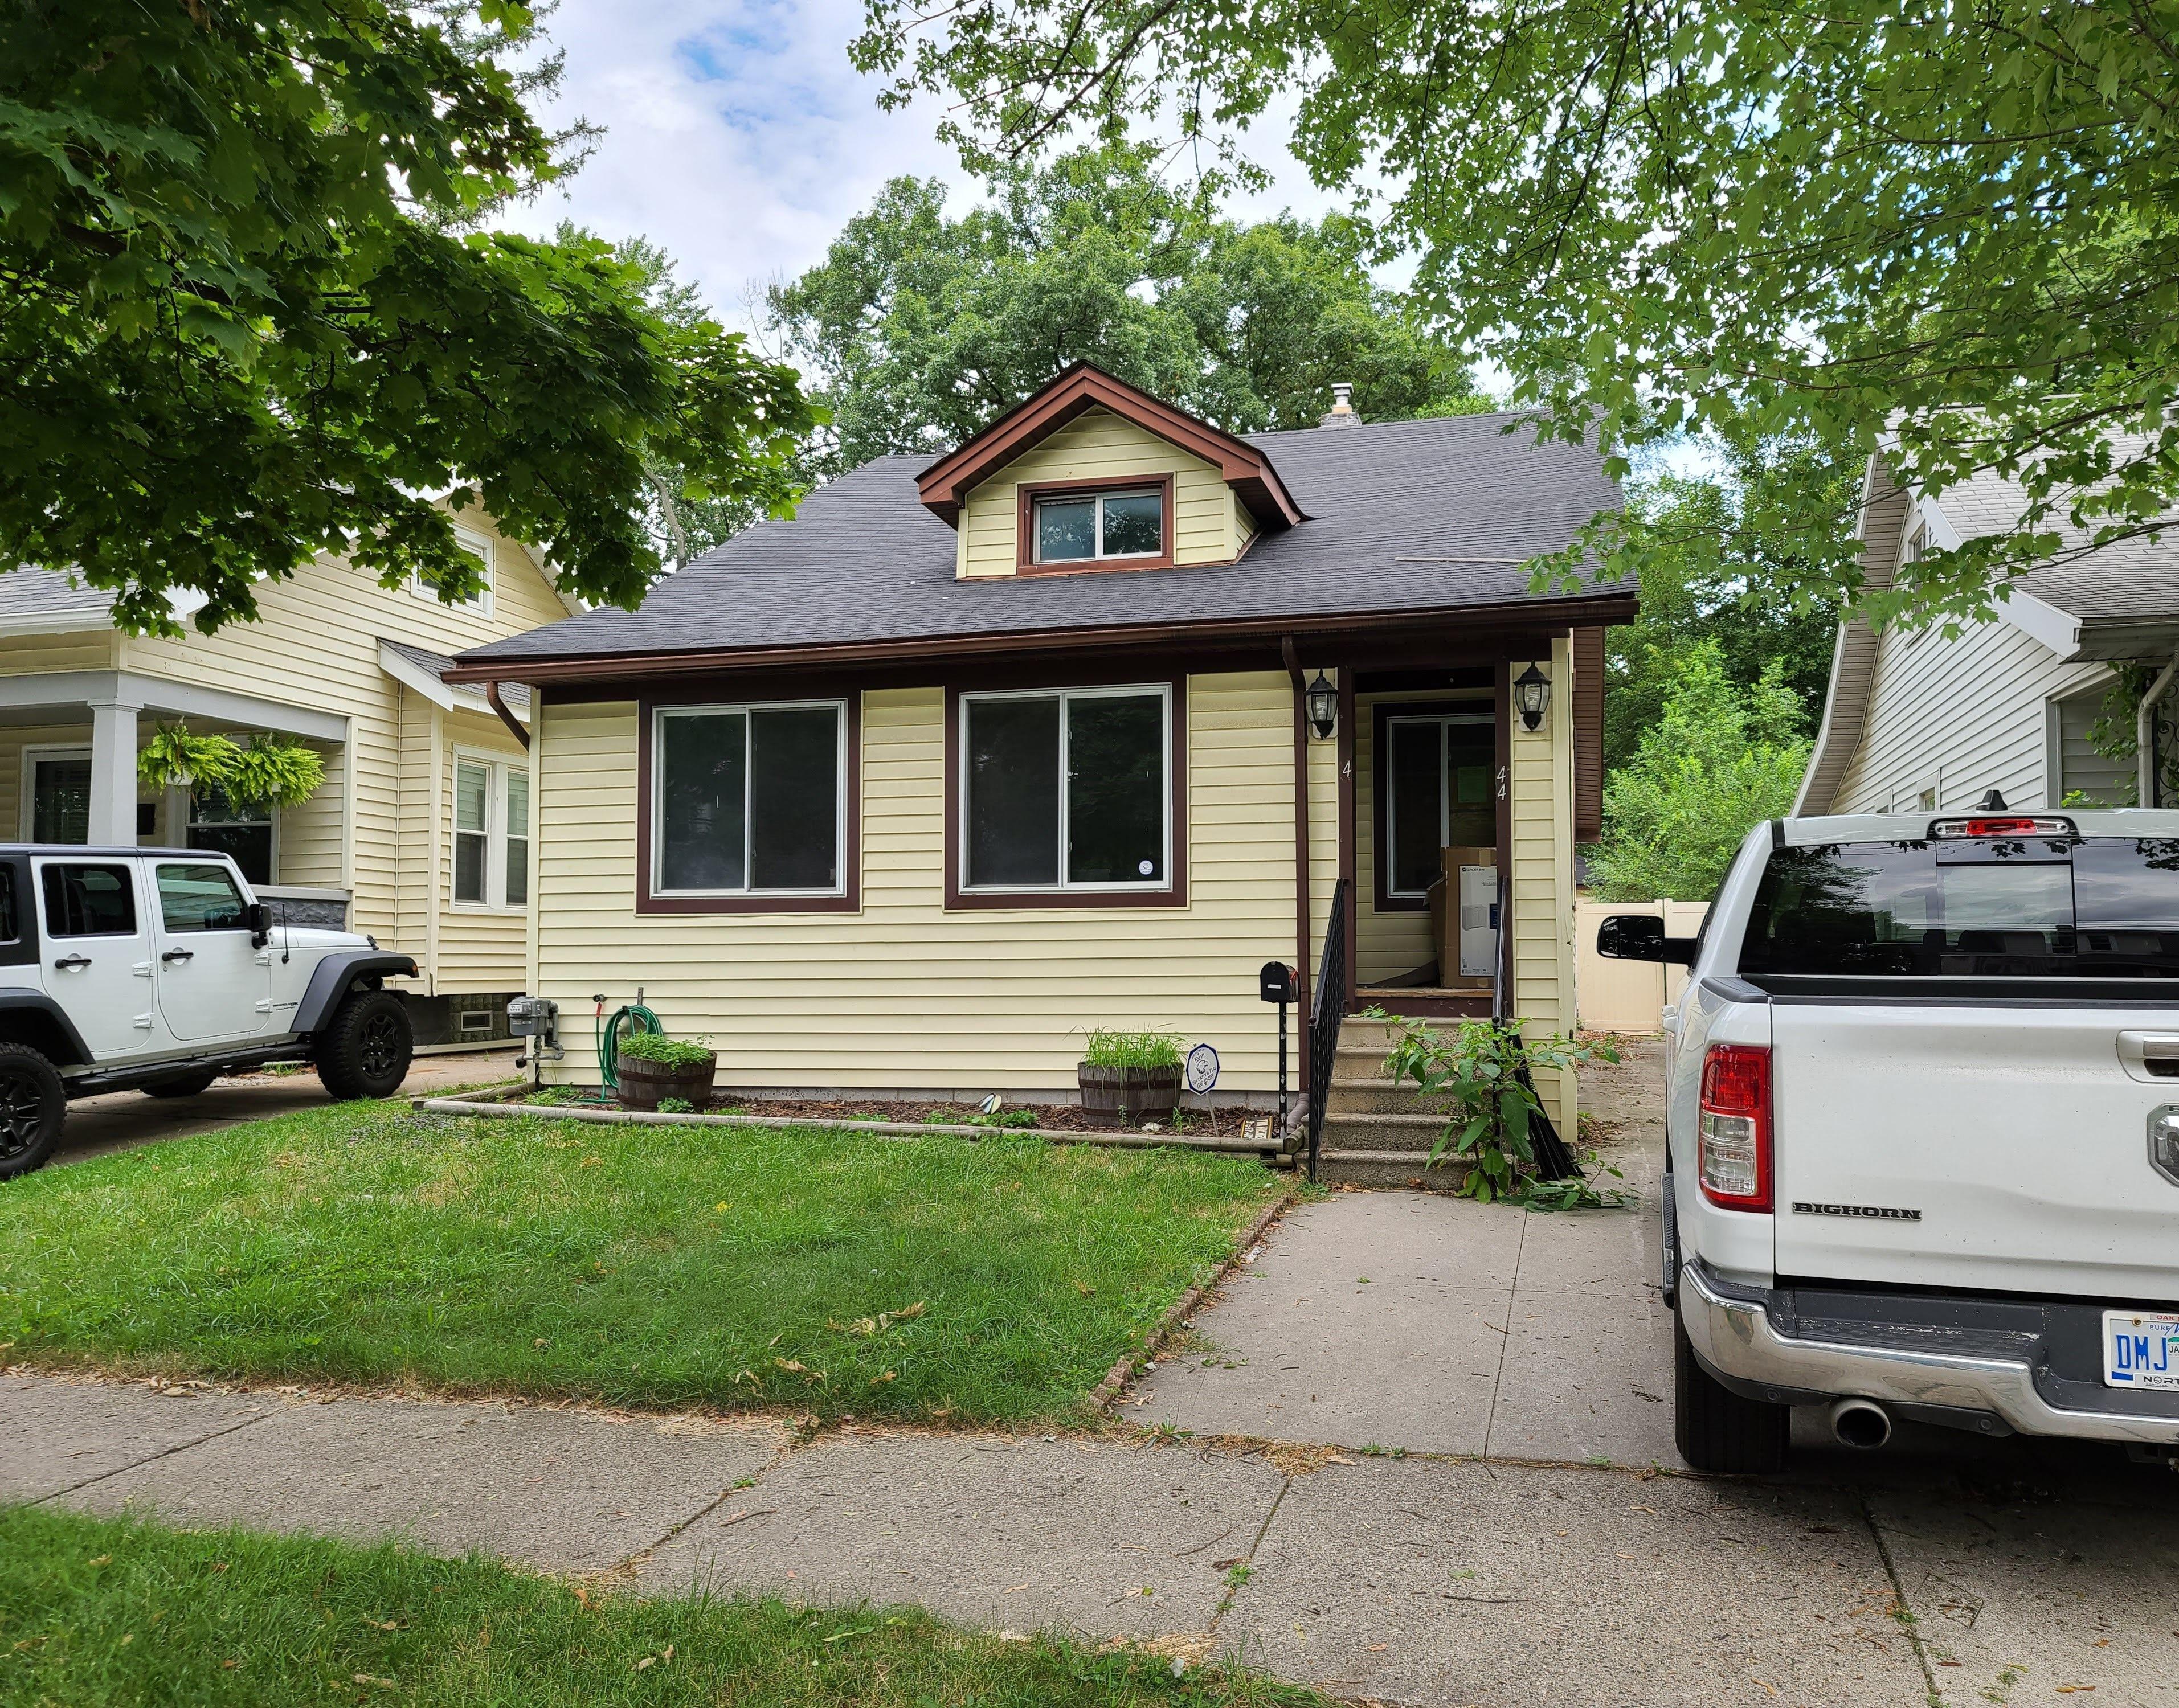 444 W Bennett Ave, Ferndale, MI